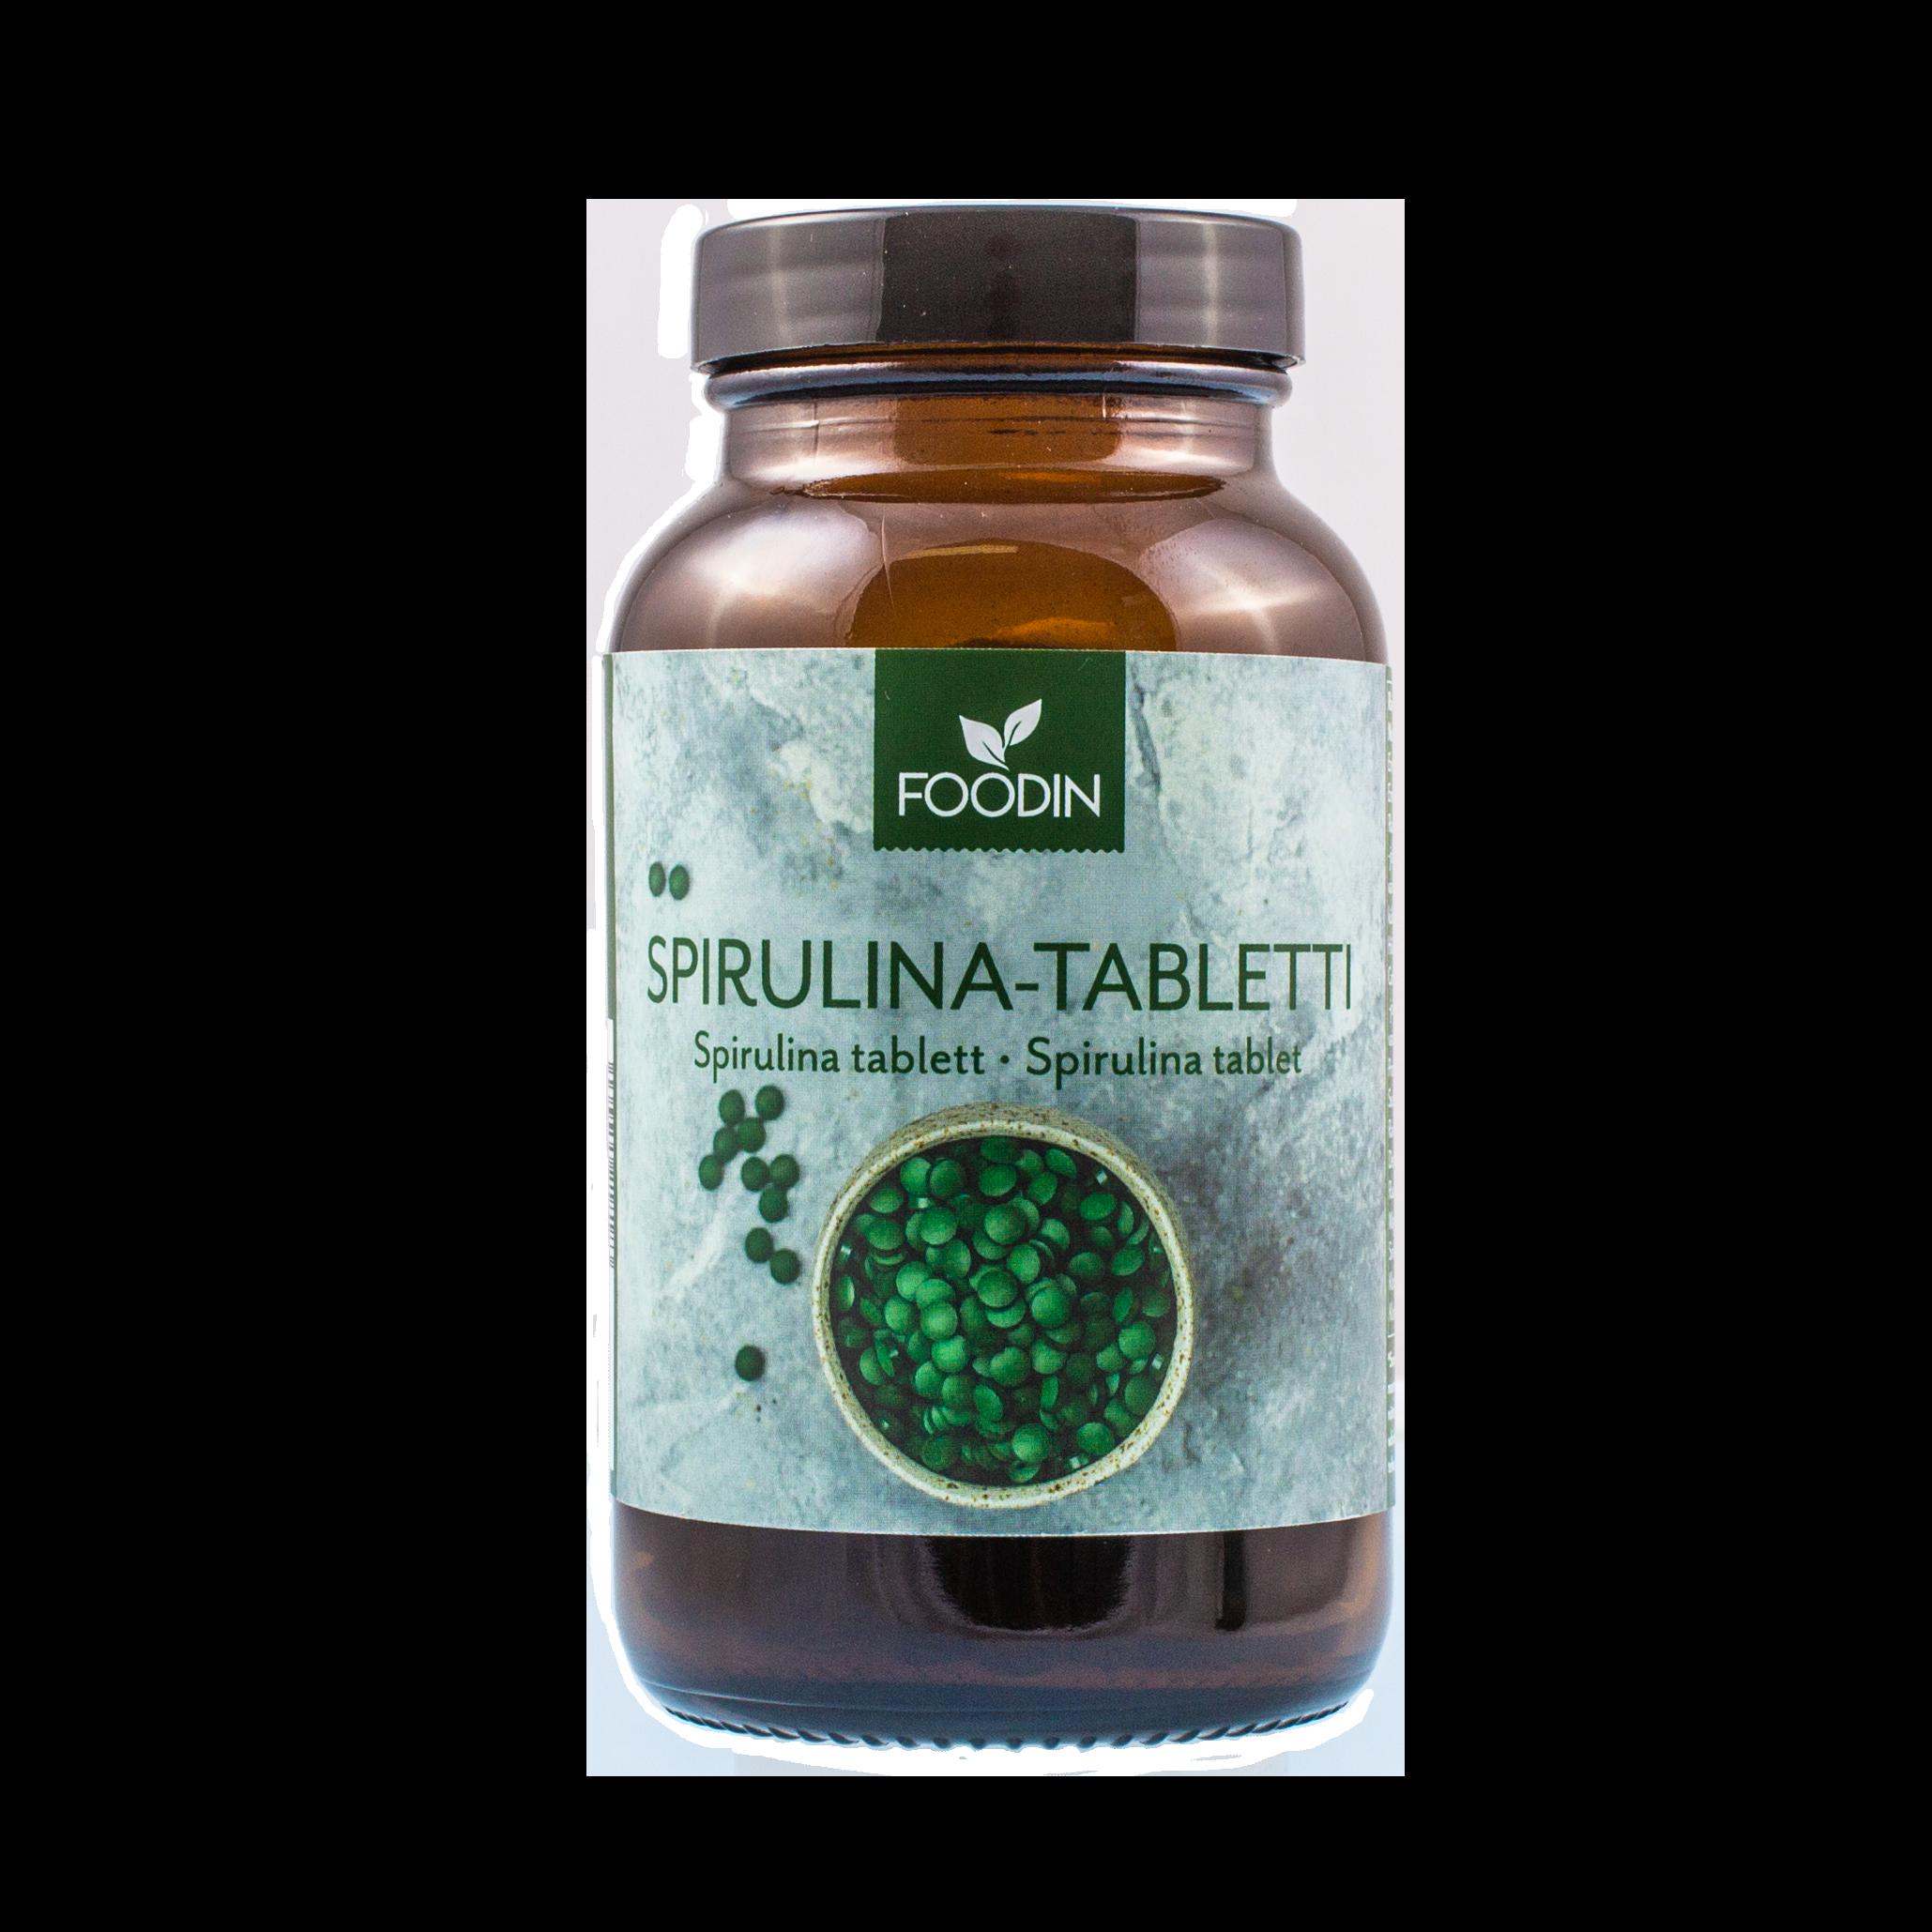 Spirulina-tabletit, Luomu, 110g